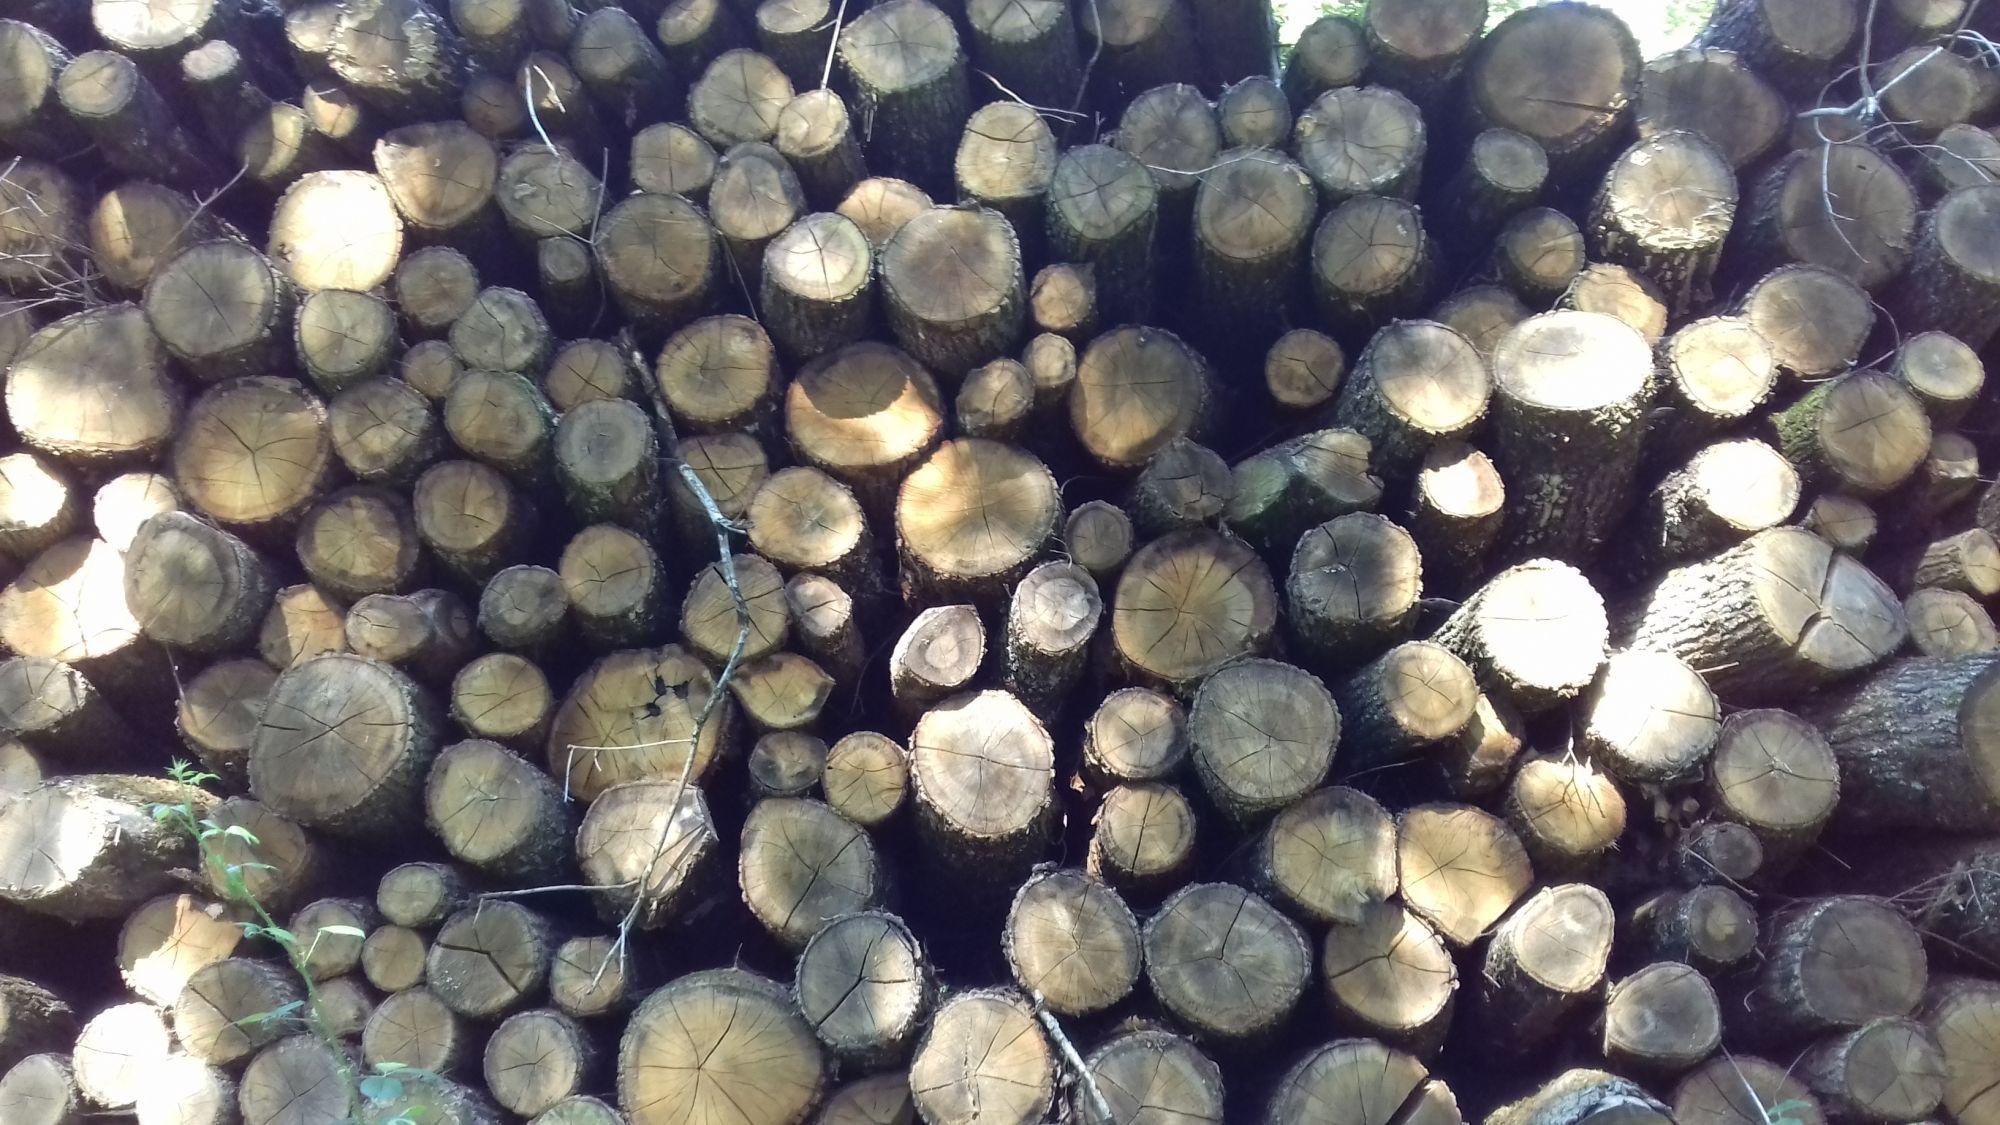 bois de chauffage 71bois de chauffage Saône-et-Loire